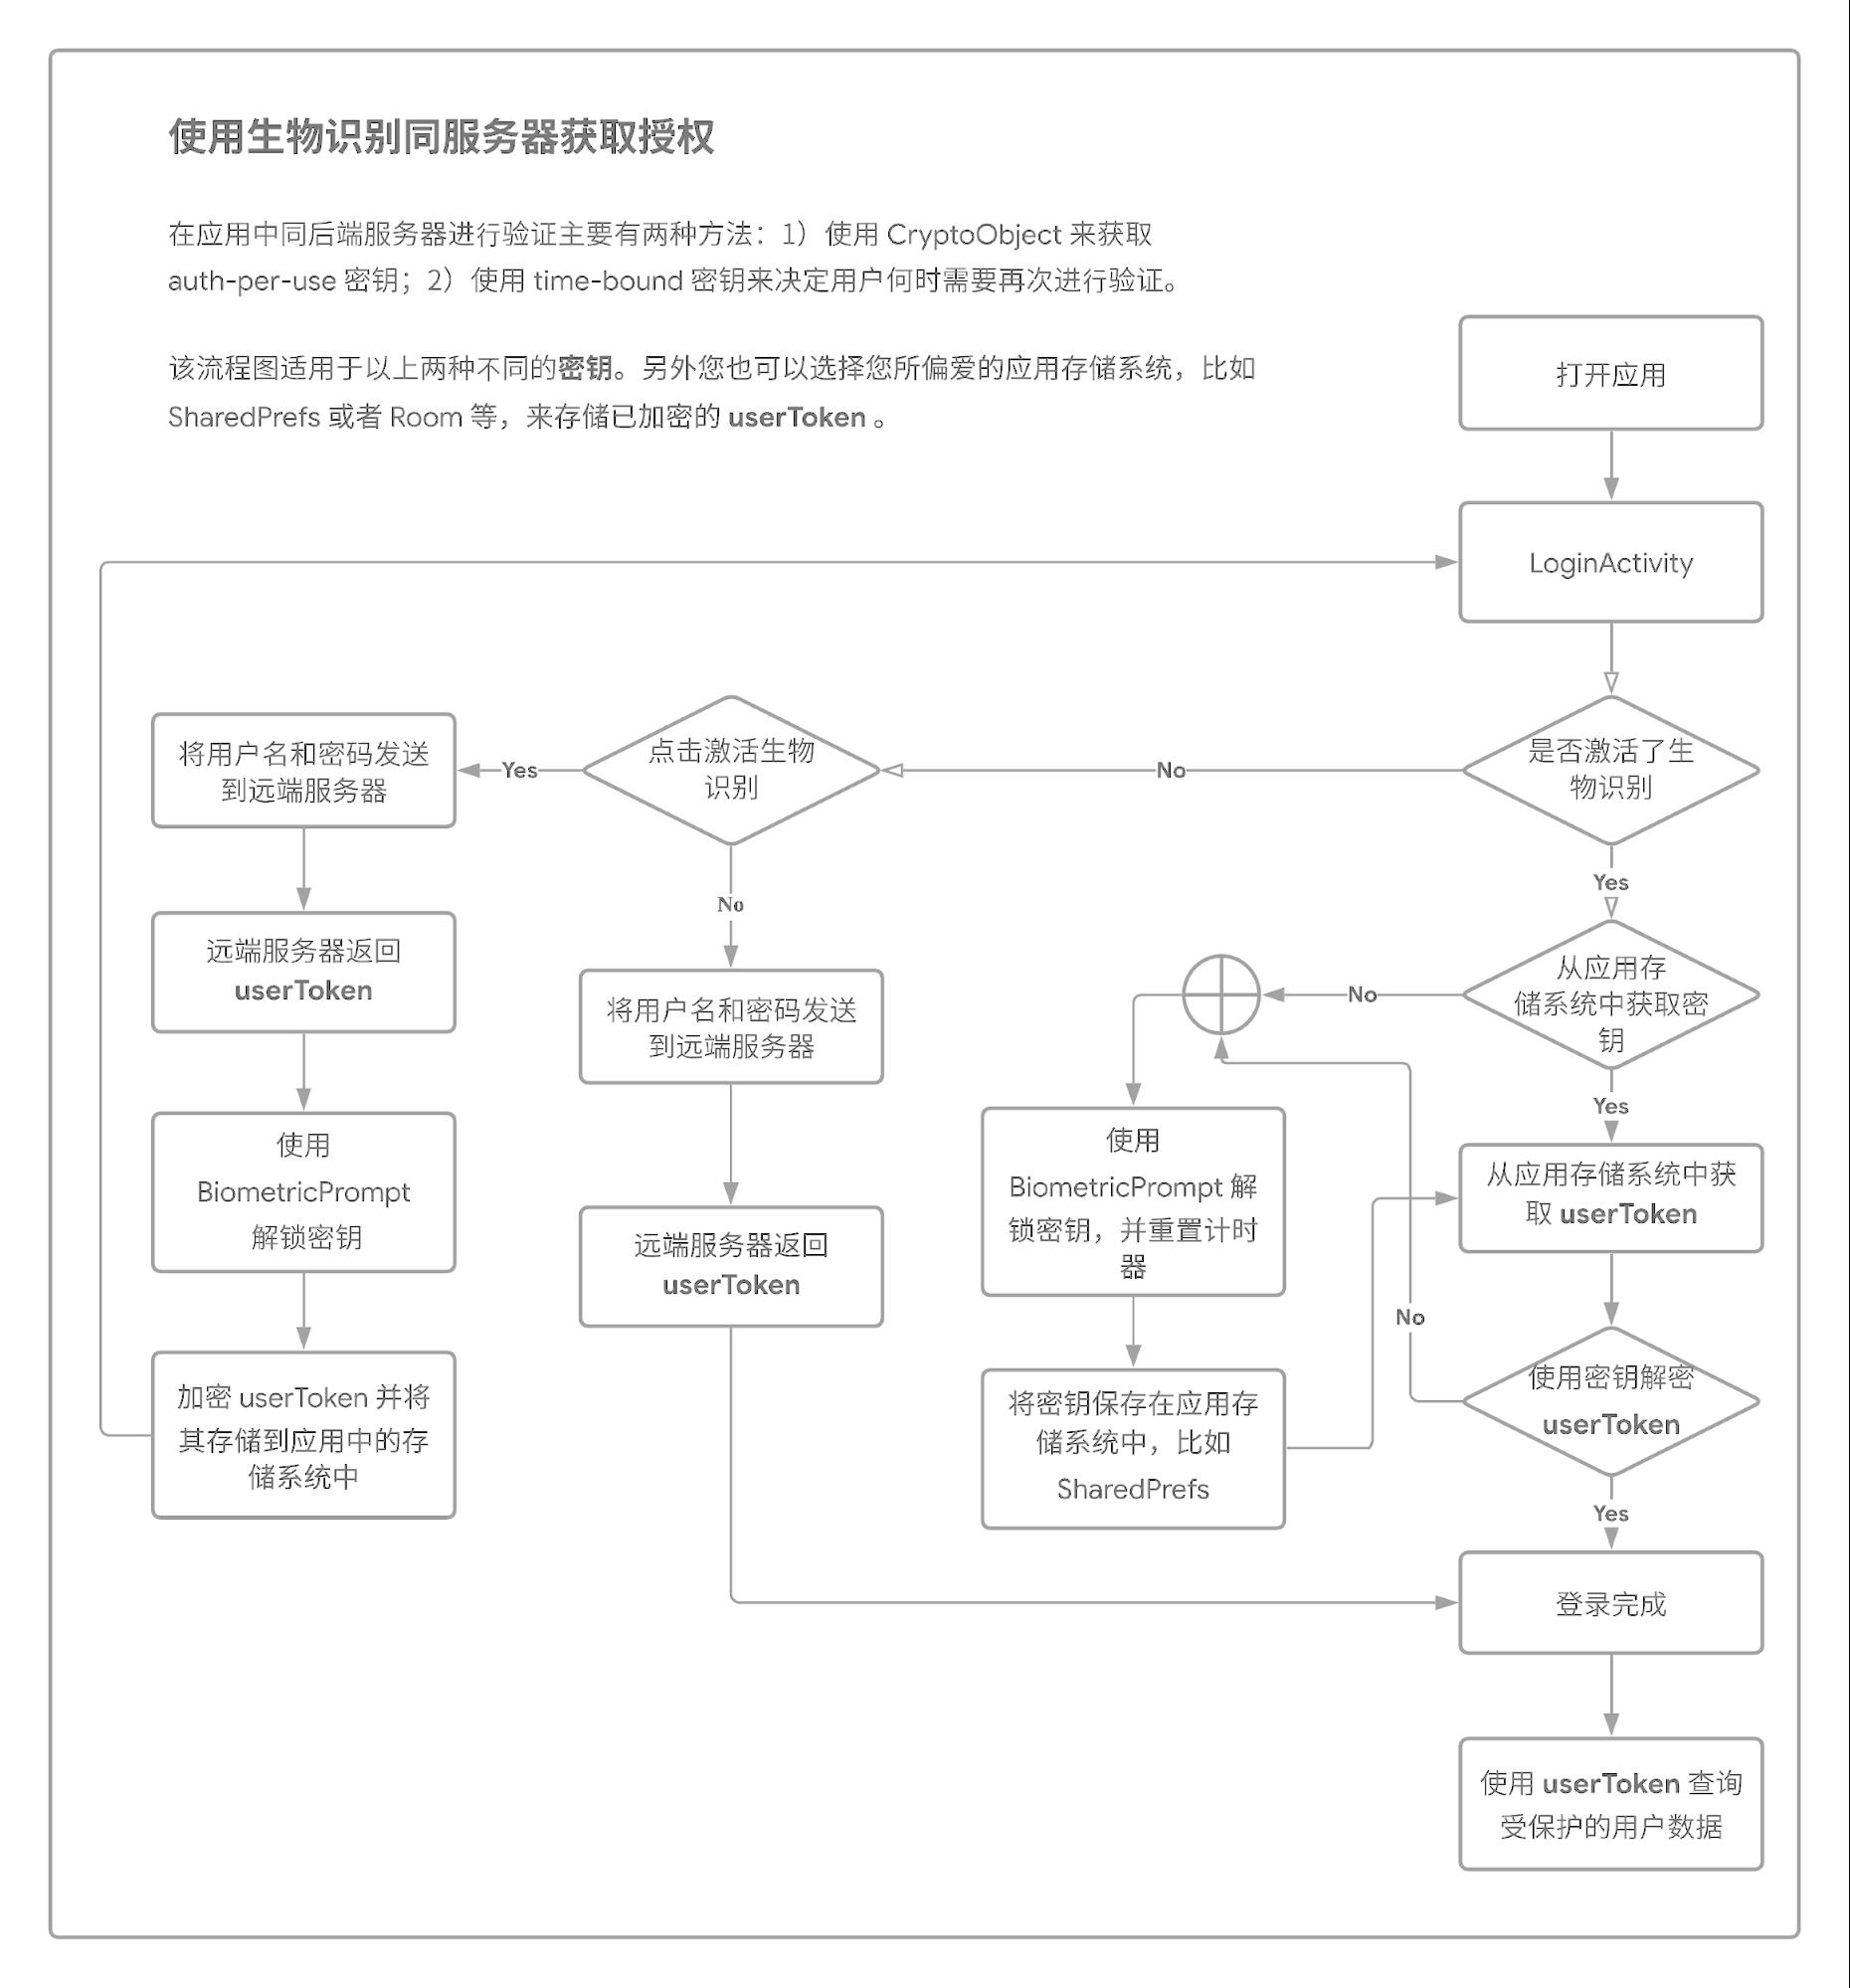 △ 图 5: 使用生物识别同服务器获取授权的完整蓝图